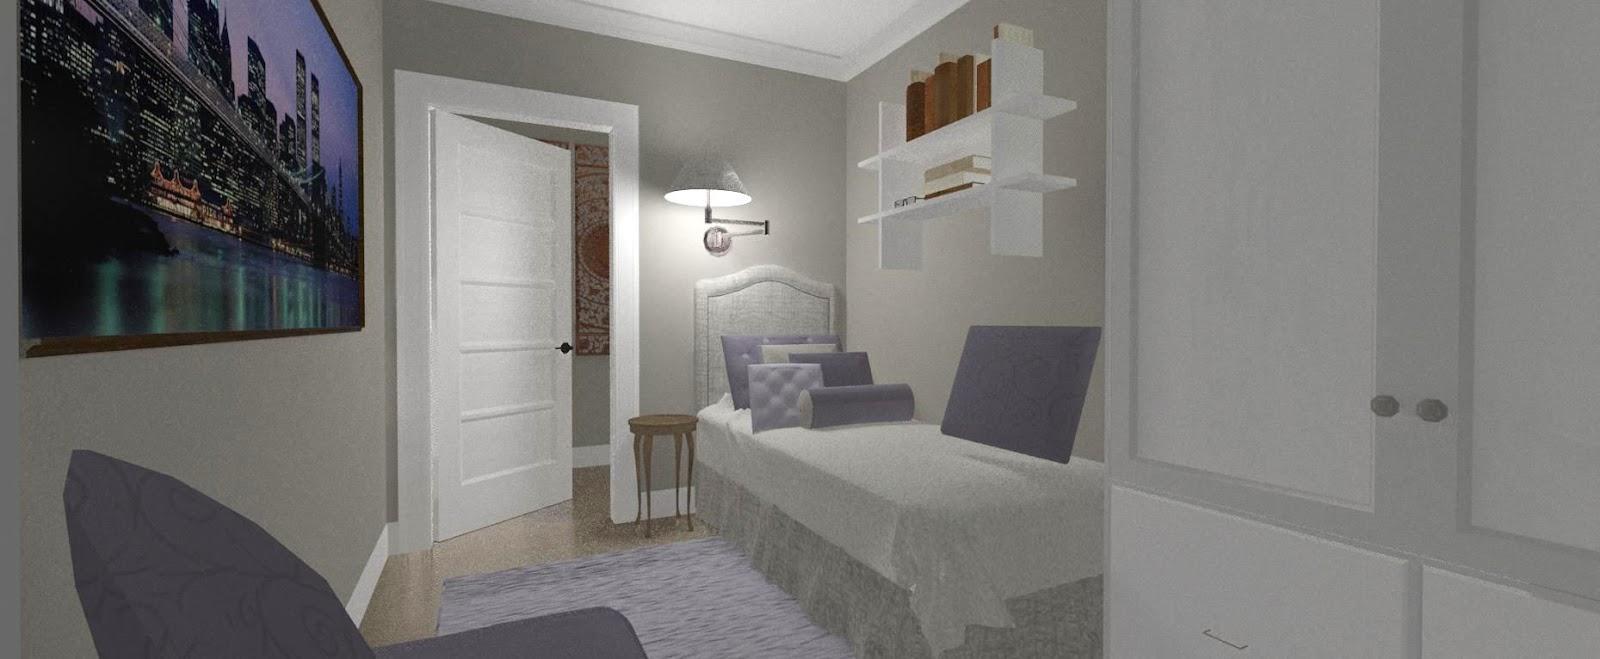 Dreams & Coffees arkitekt- och projektblogg: Ett flerfamiljshus i ...